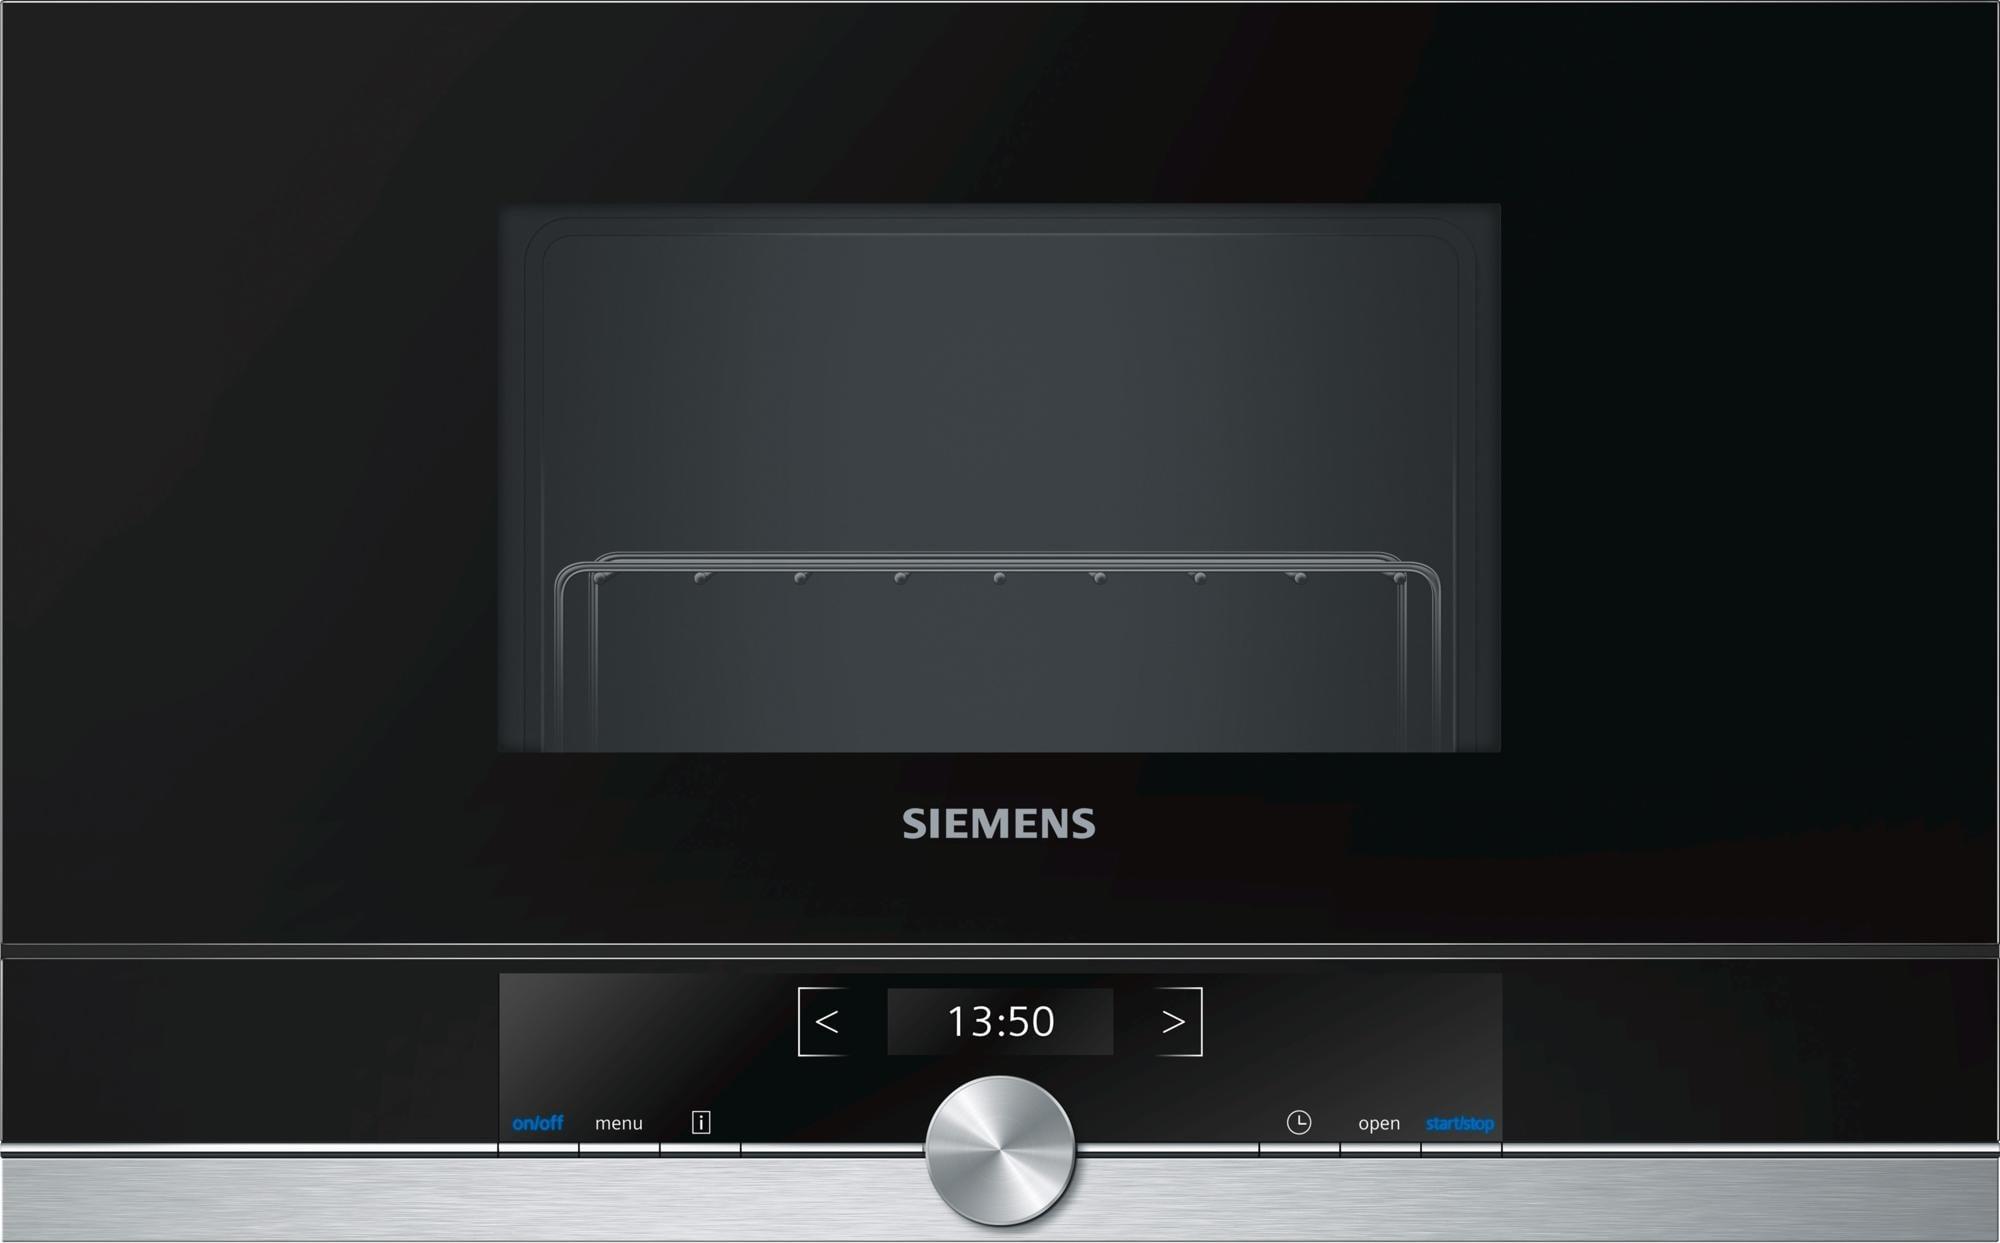 Siemens Kühlschrank Display : Bedienungsanleitung siemens ki laf kühlschrank kwh jahr a